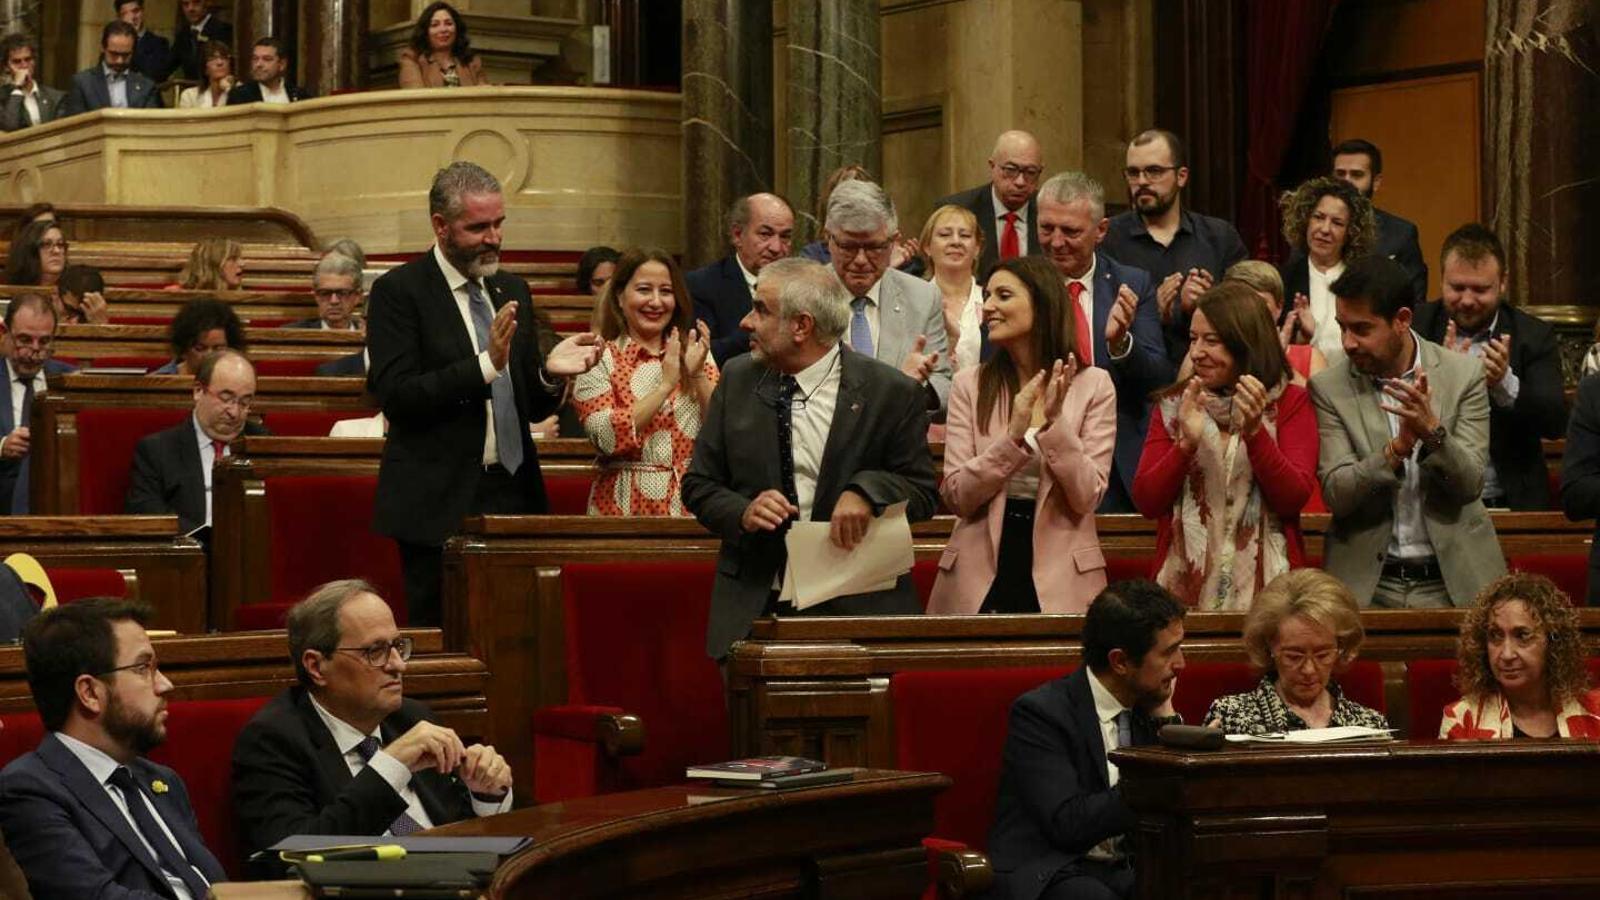 Carrizosa, aplaudit per la bancada de Cs després de la seva intervenció en el debat de la moció de censura contra Torra, es gira per mirar en direcció a Rivera i Arrimadas